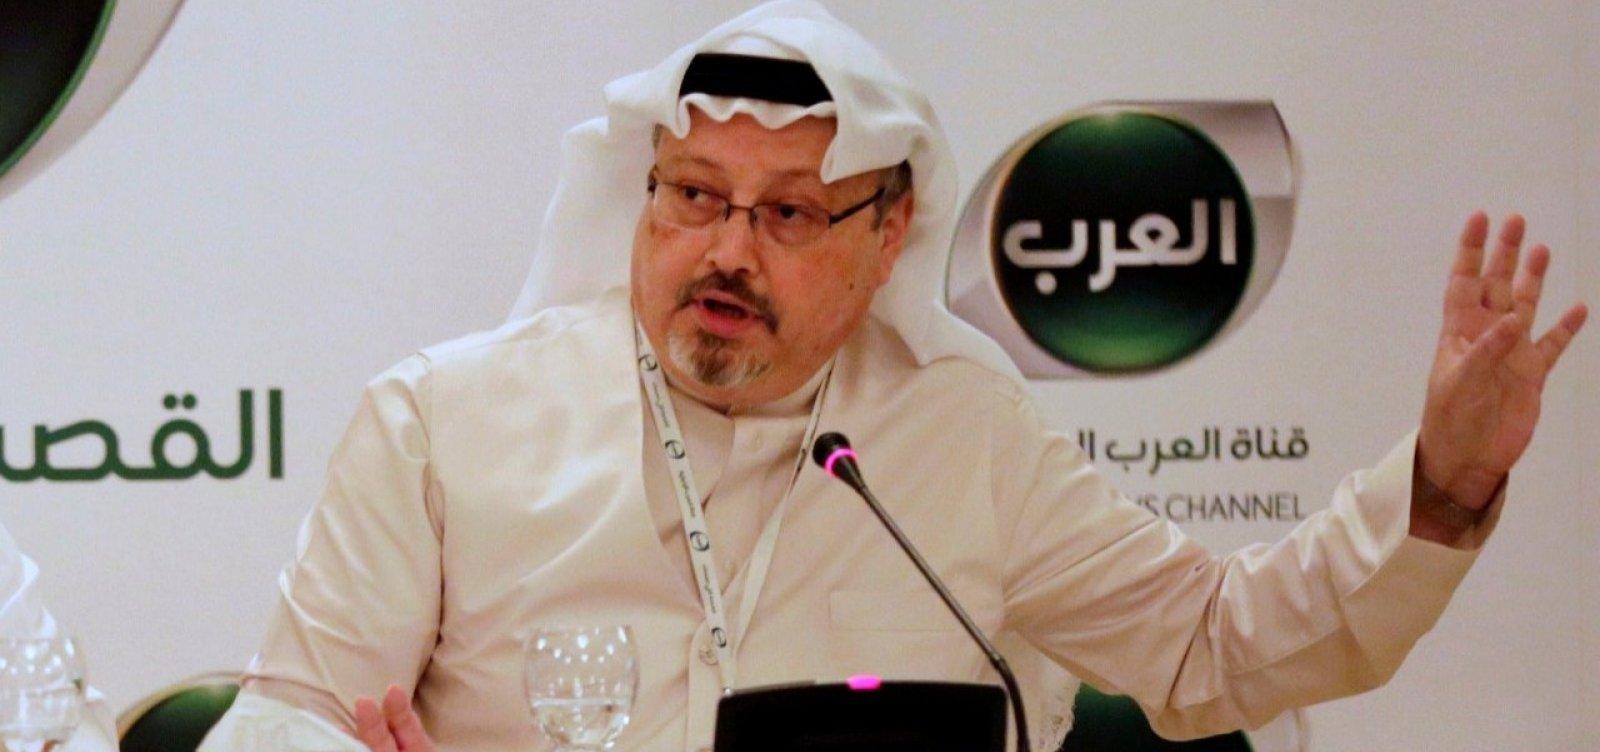 Arábia Saudita afirma que vai responder a 'ameaças' dos EUA